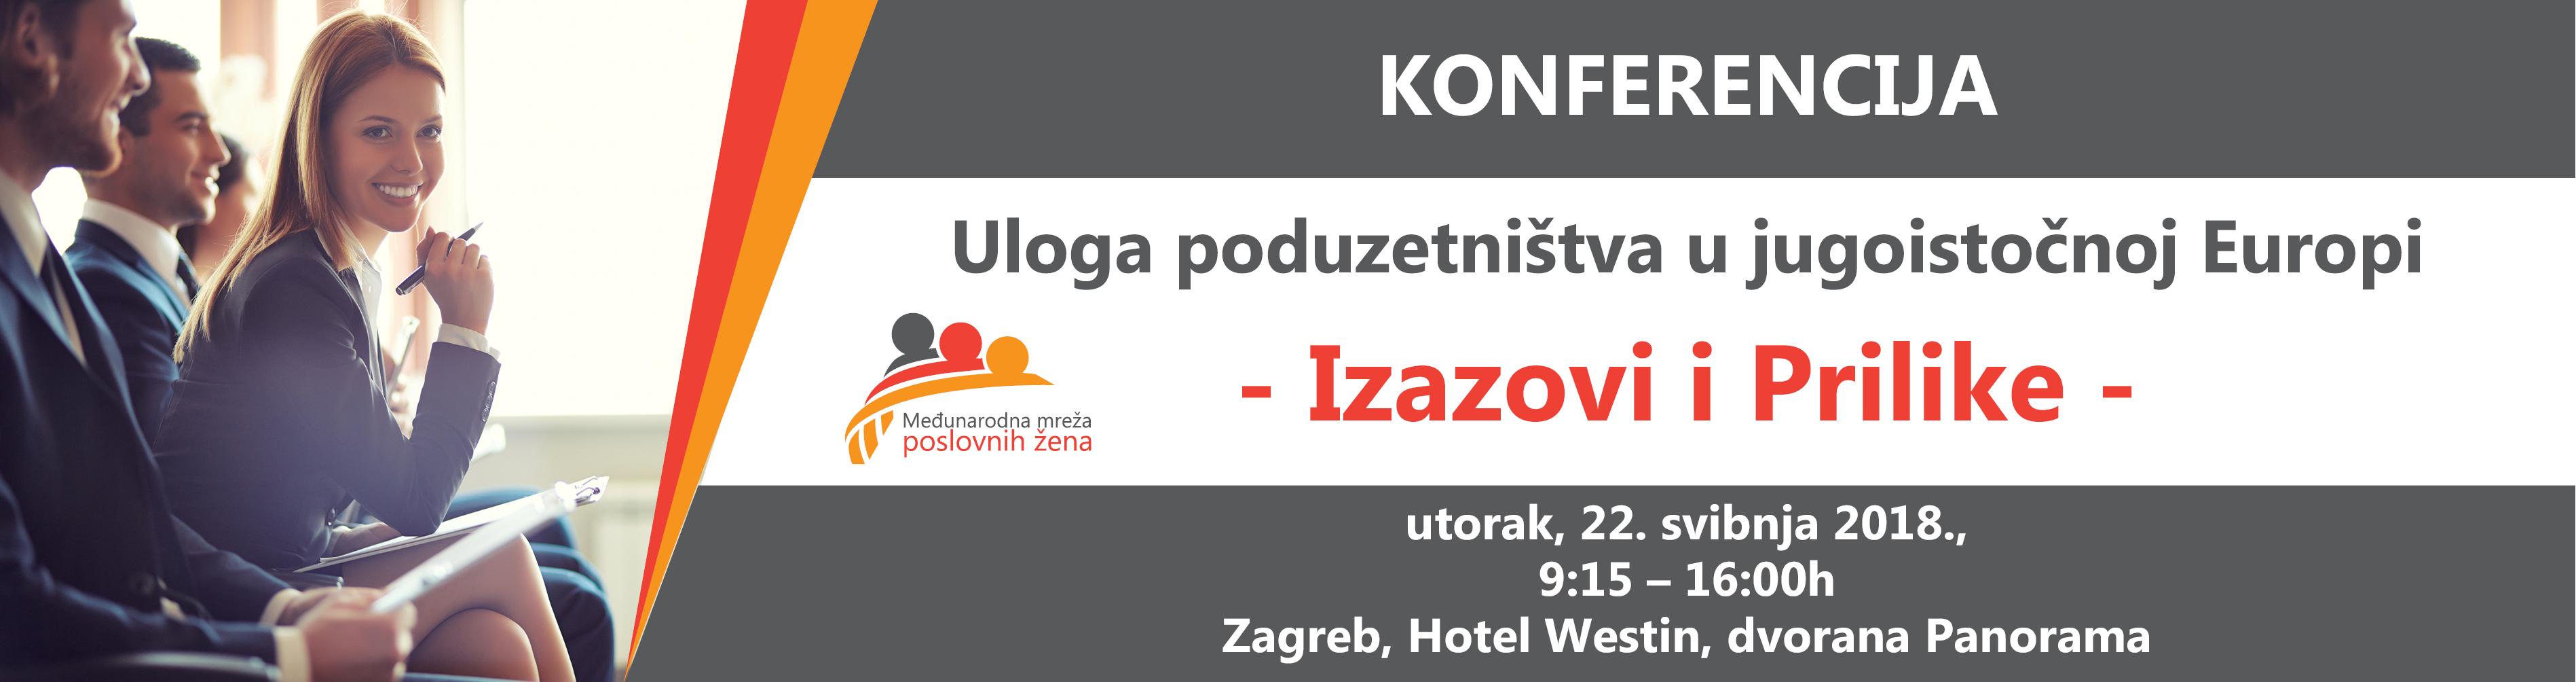 Konferencija mreža